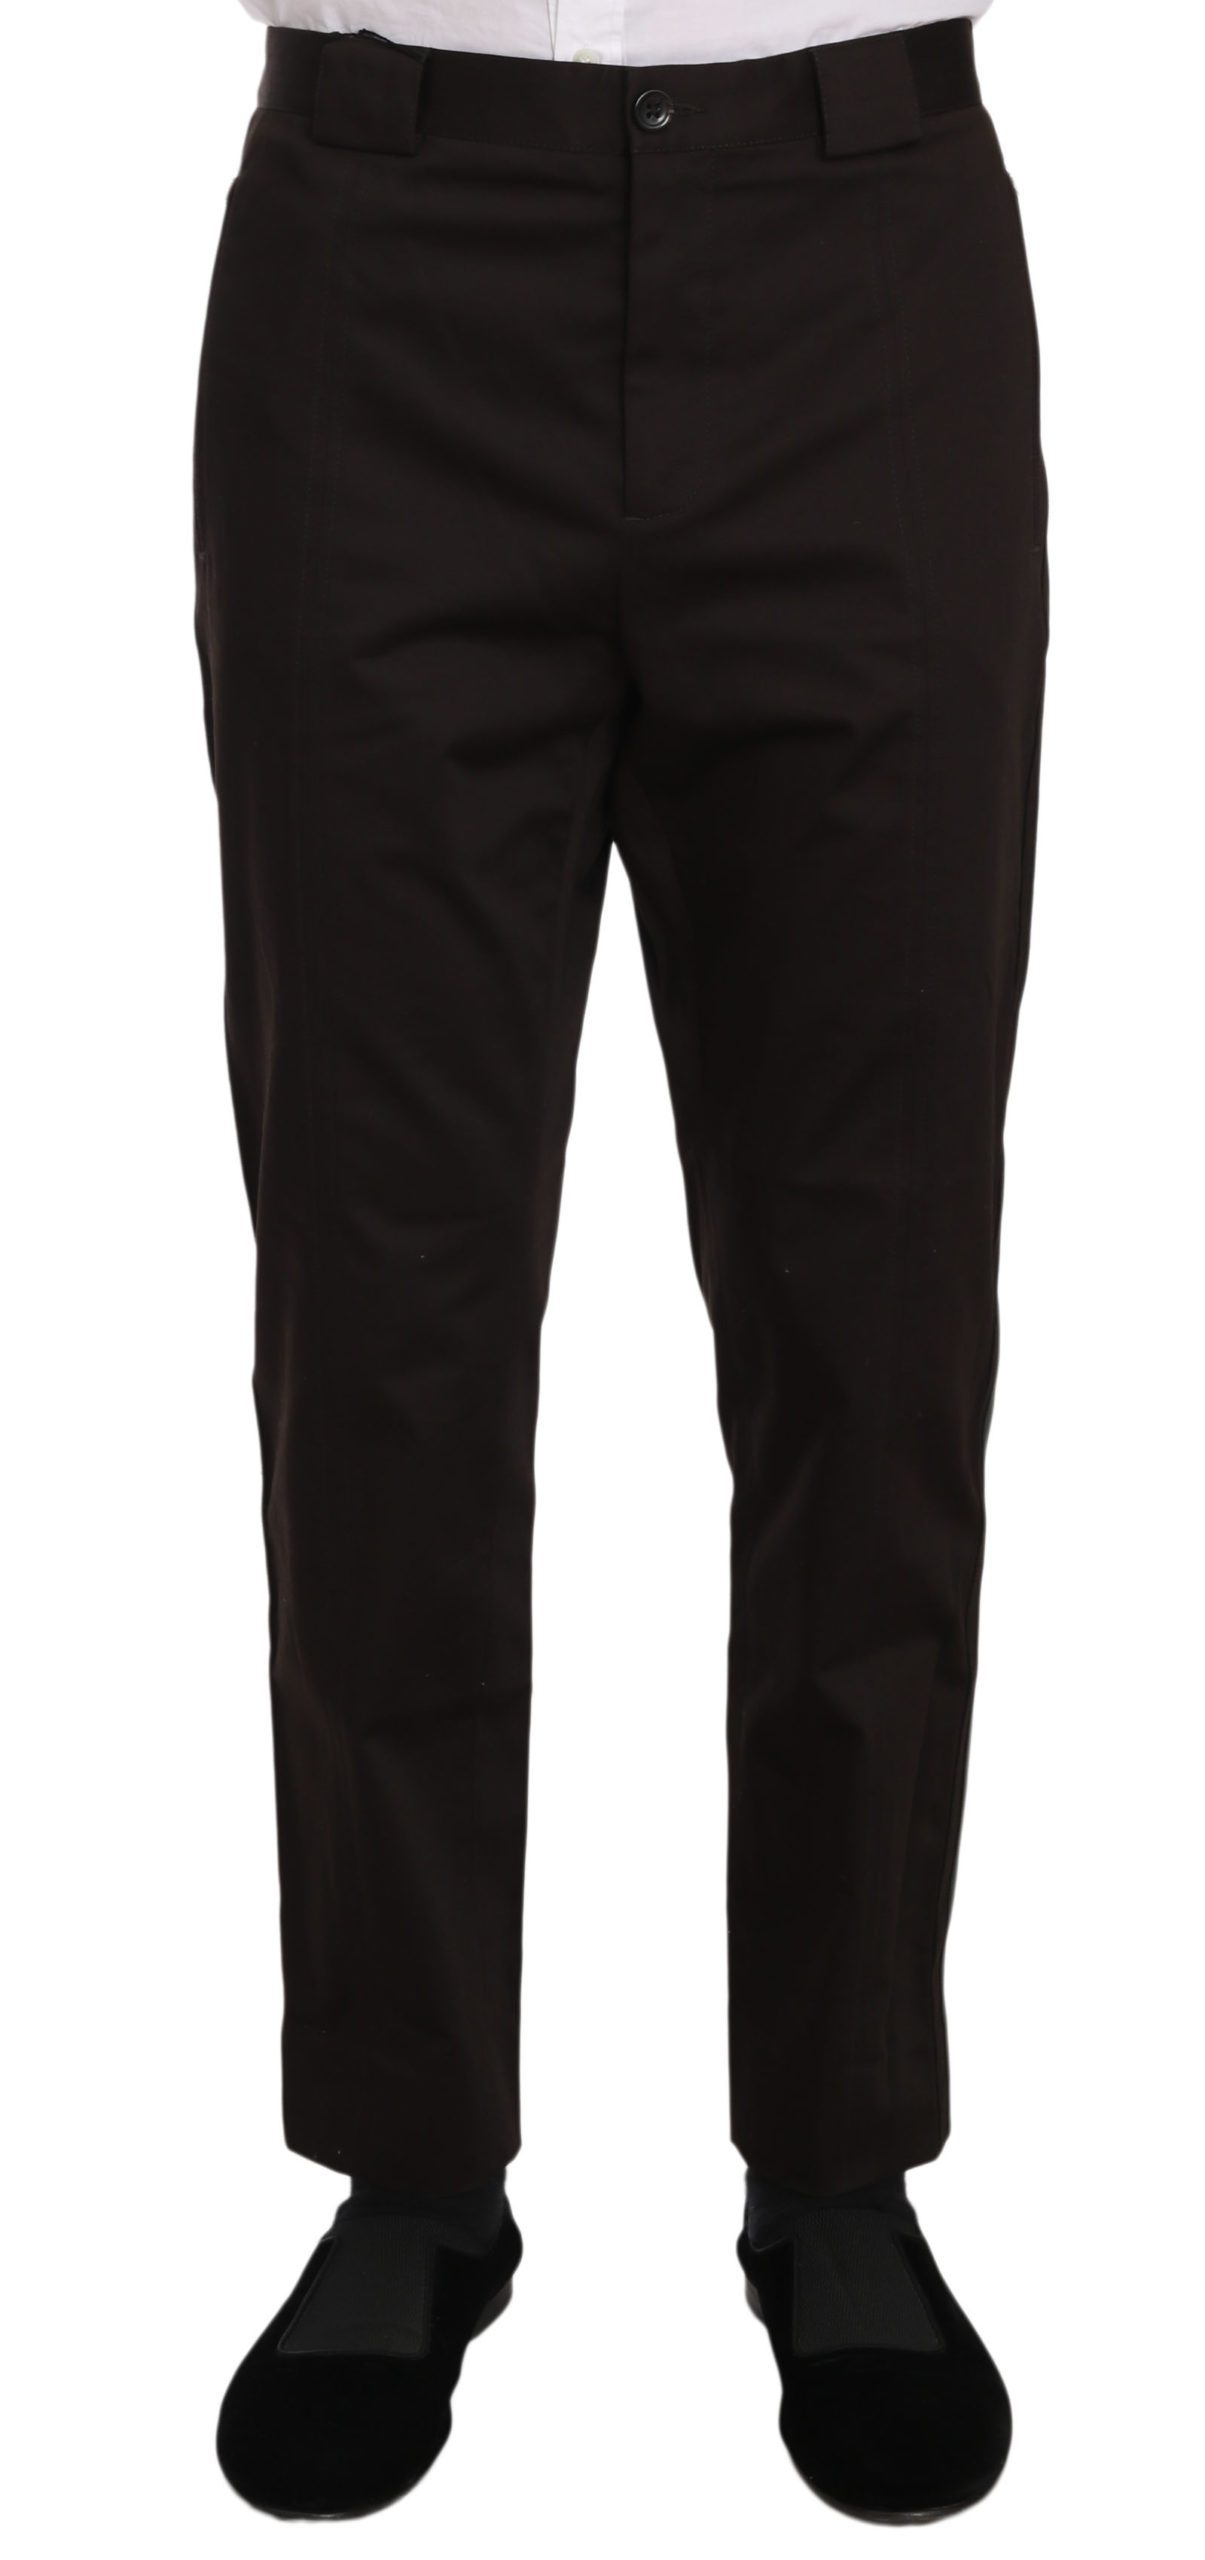 Dolce & Gabbana Men's Cotton Stretch Formal Trouser Purple PAN61335 - IT50 | L